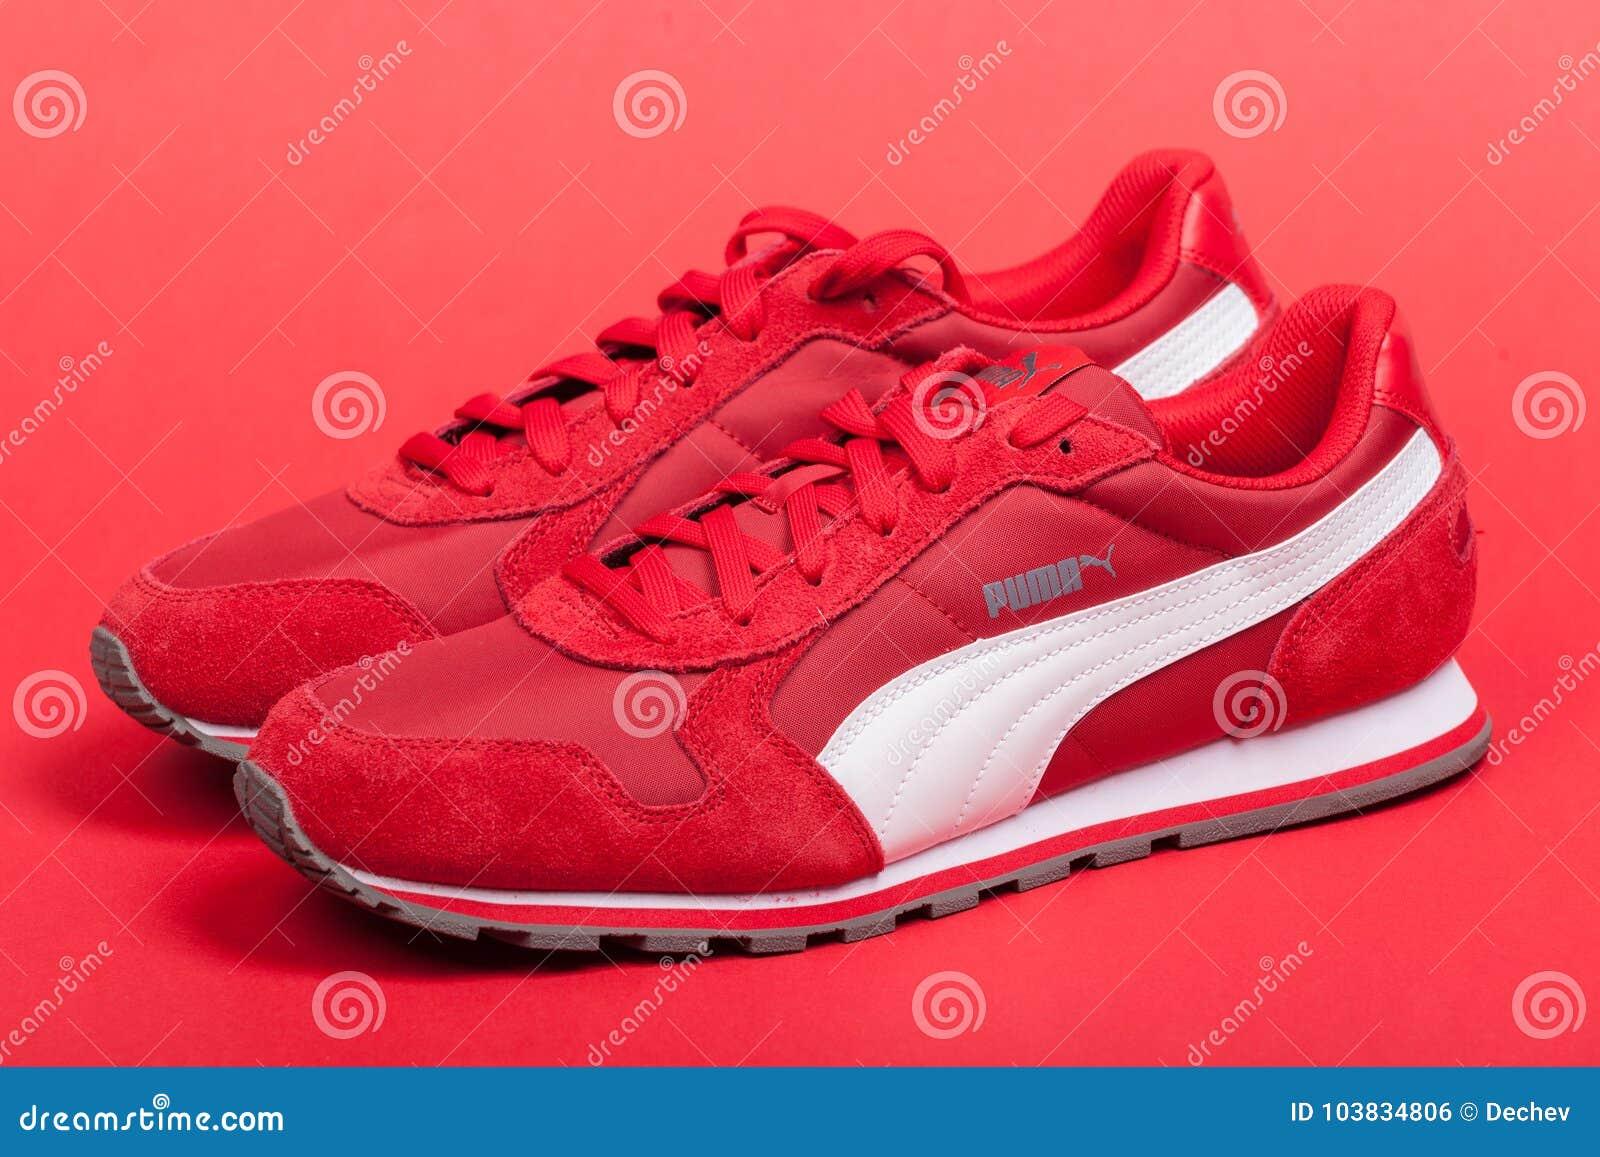 puma zapatos rojos